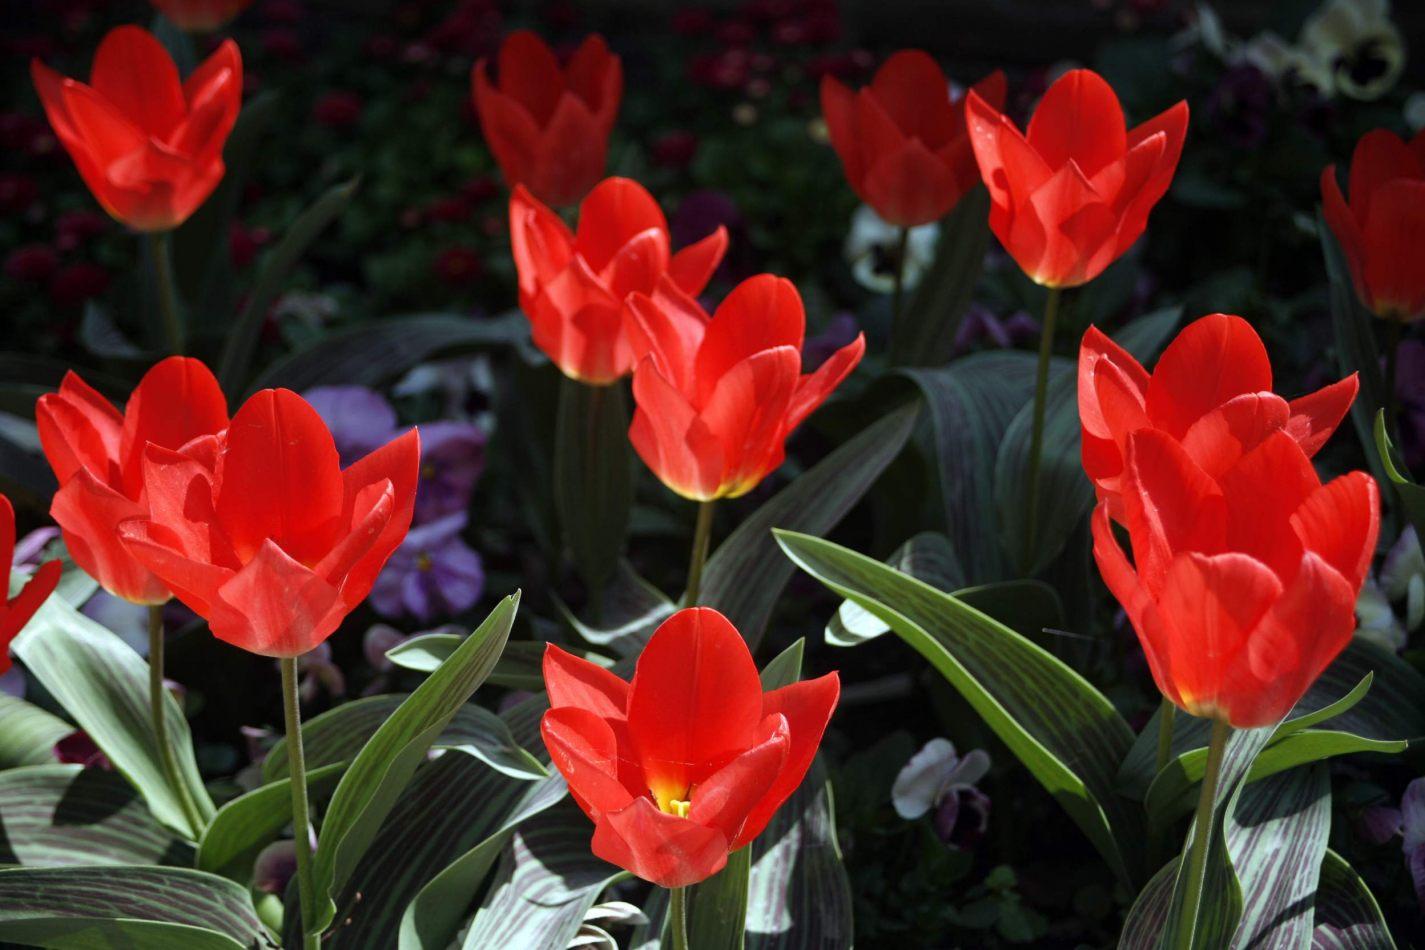 Anthony Ellis Photography: Symphonia - Opening Tulips